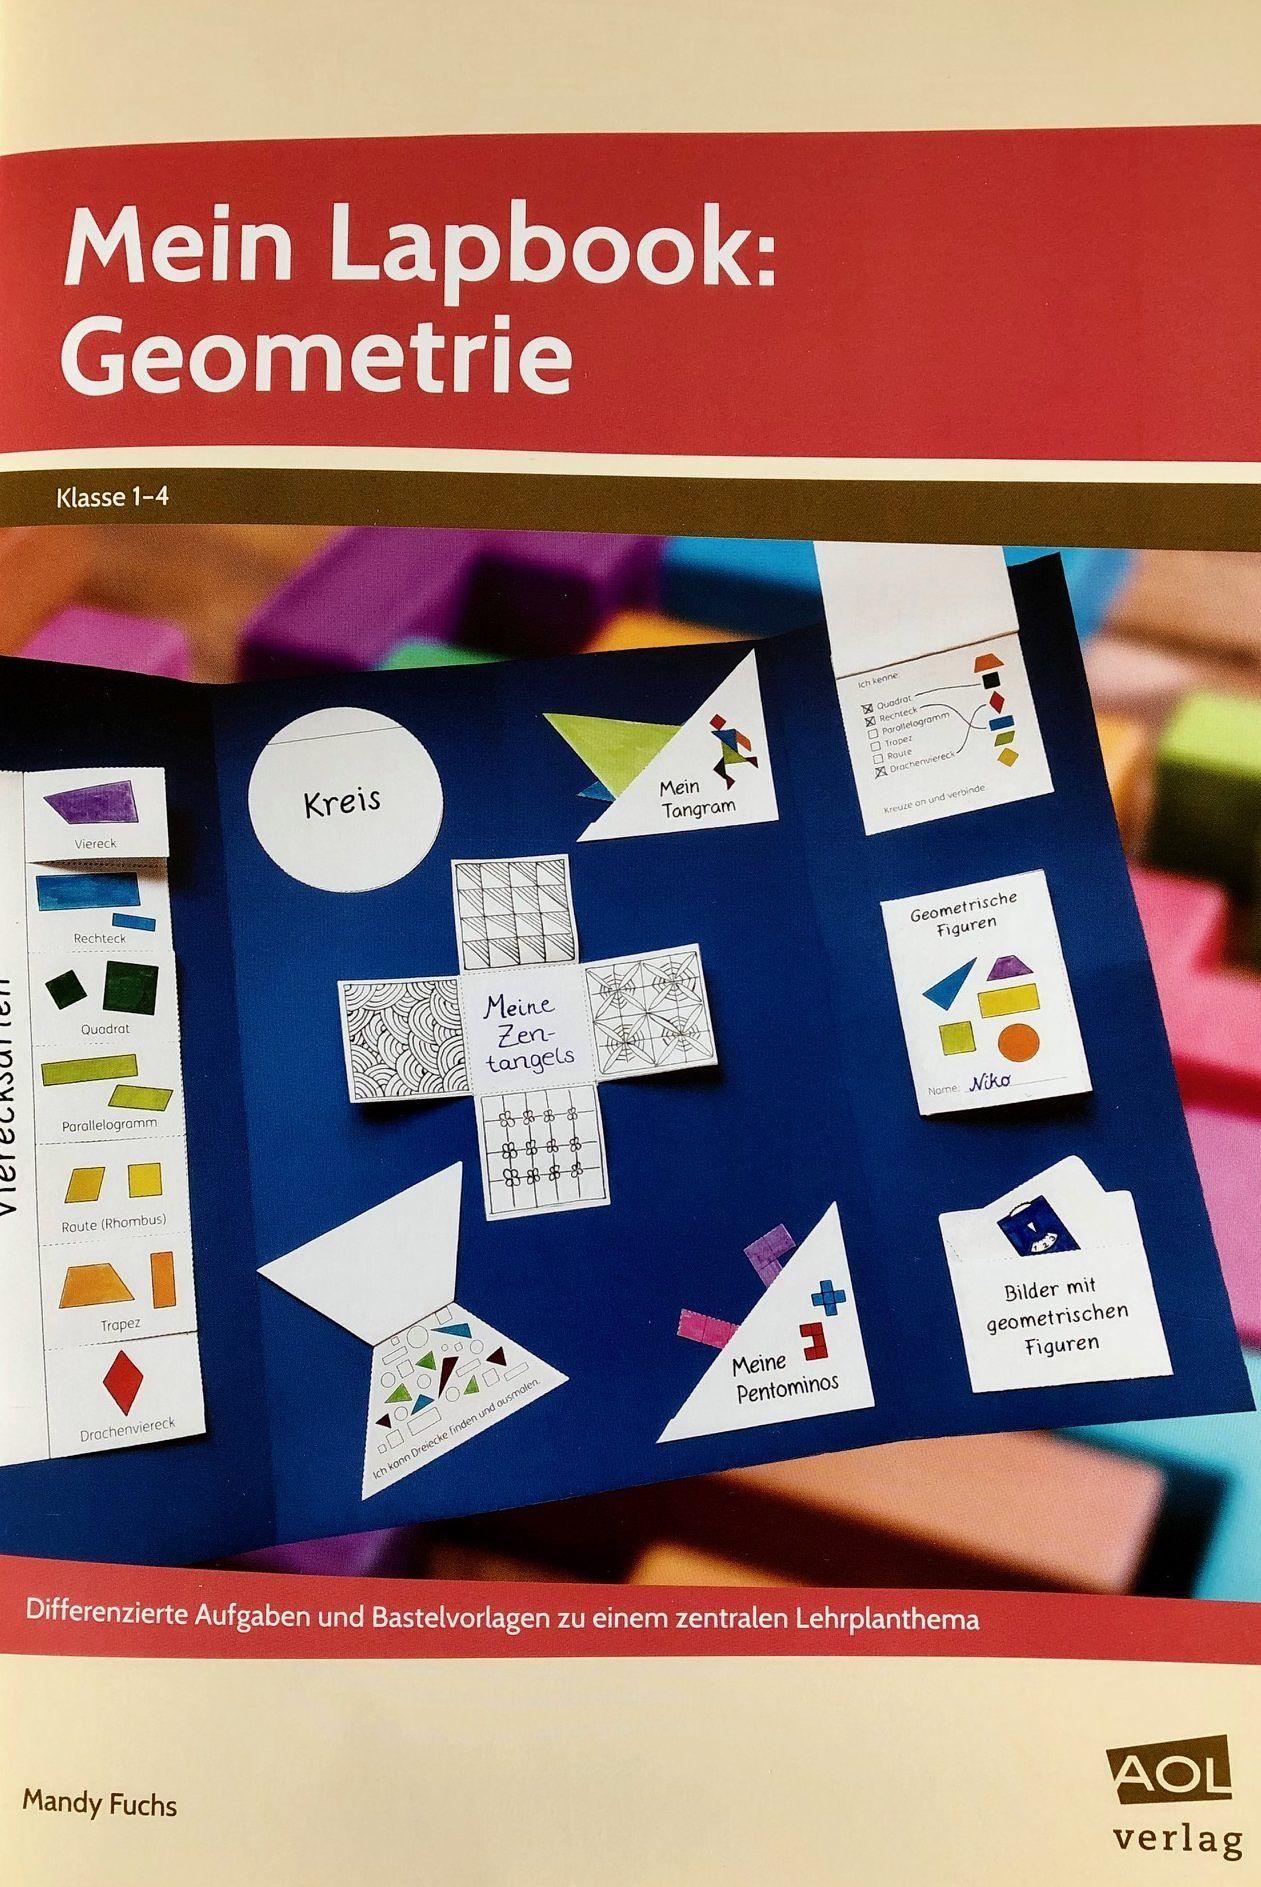 Nachhilfe Zu Hause Ohne Stress Und Schulbuchaufgaben Dr Mandy Fuchs Matheunterricht Mathematik Mathe